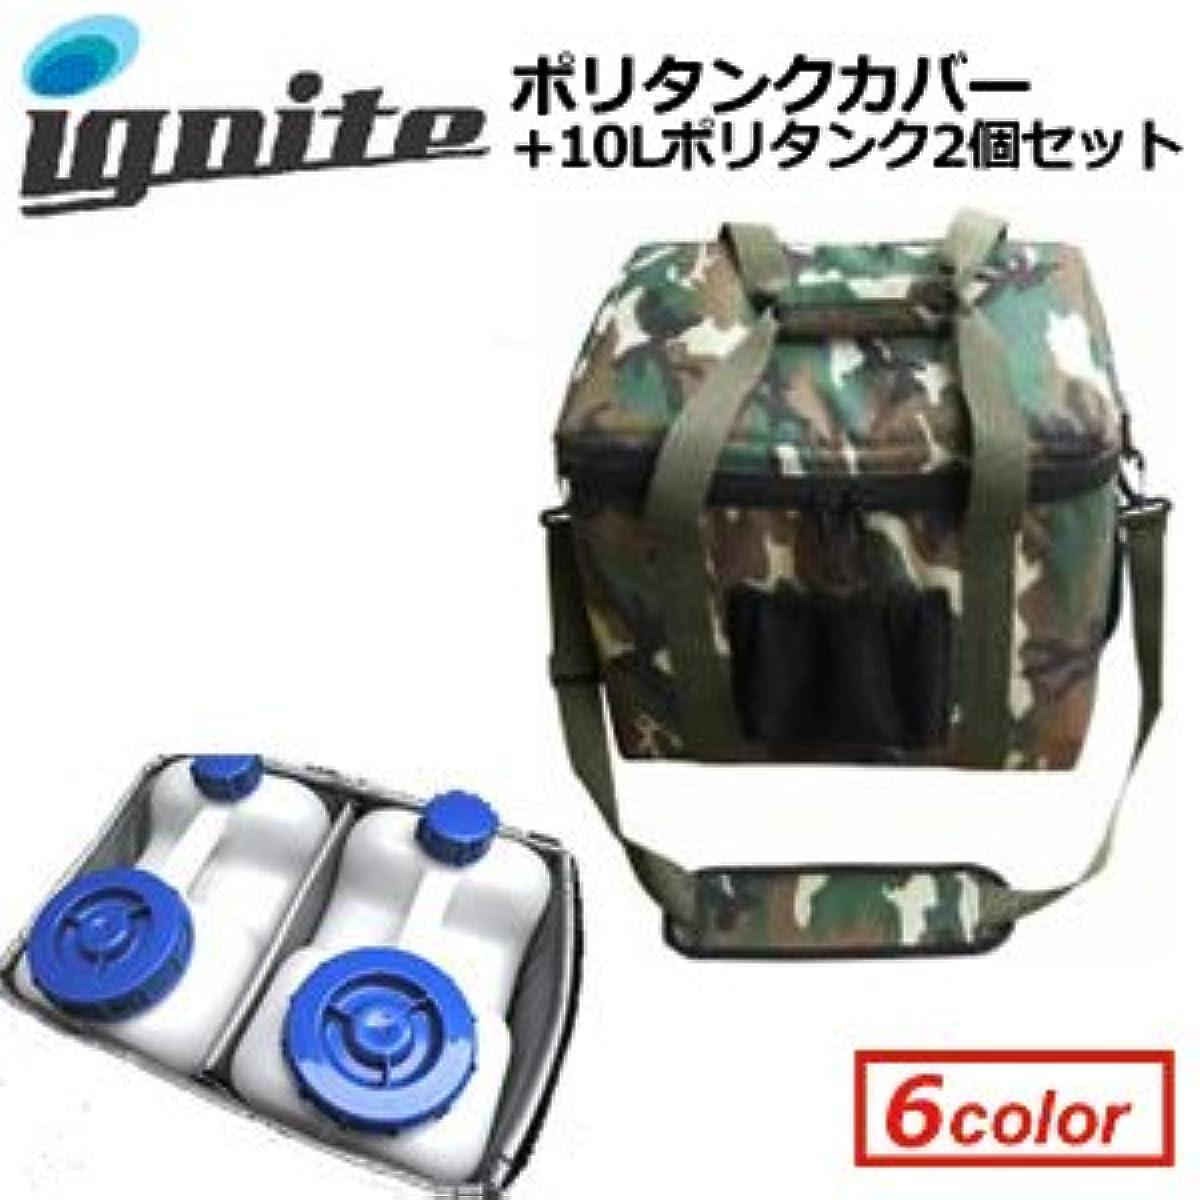 [해외] IGNITE 이그 나이트 시마노 탱크 커버 시마노 탱크 케이스 시마노 탱크 커버※시마노 탱크부